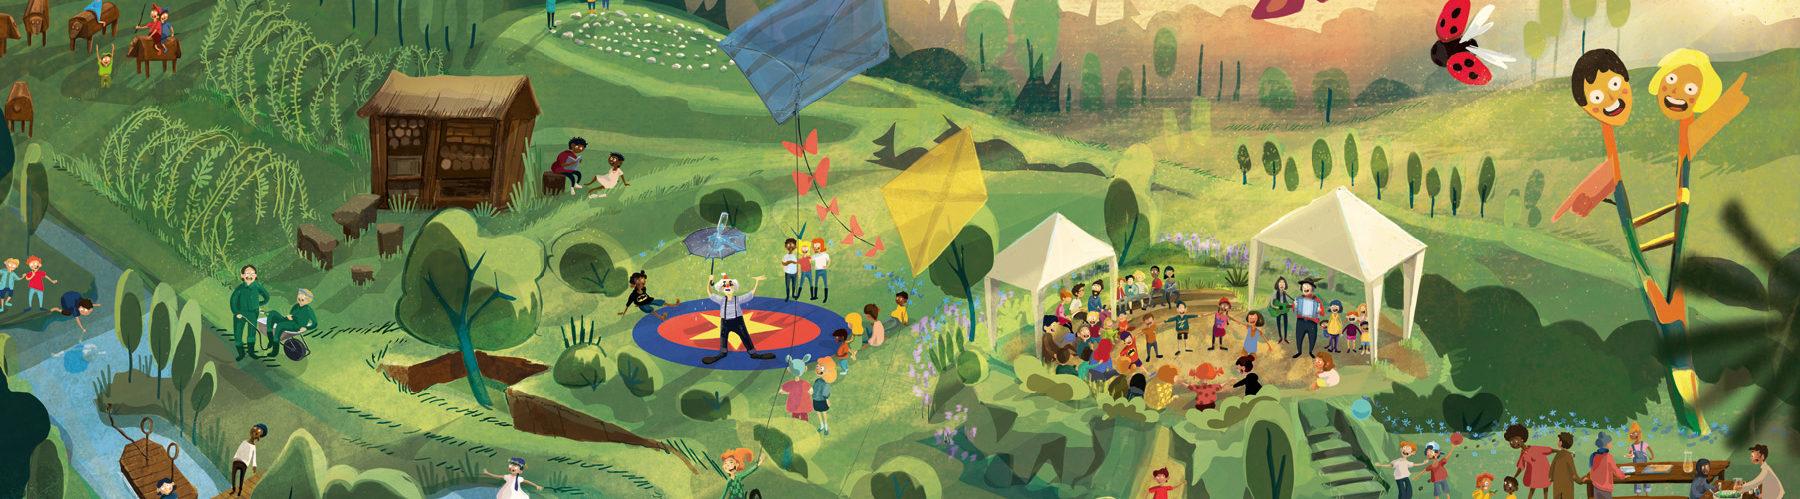 Klausurtagung des Kinderwaldes